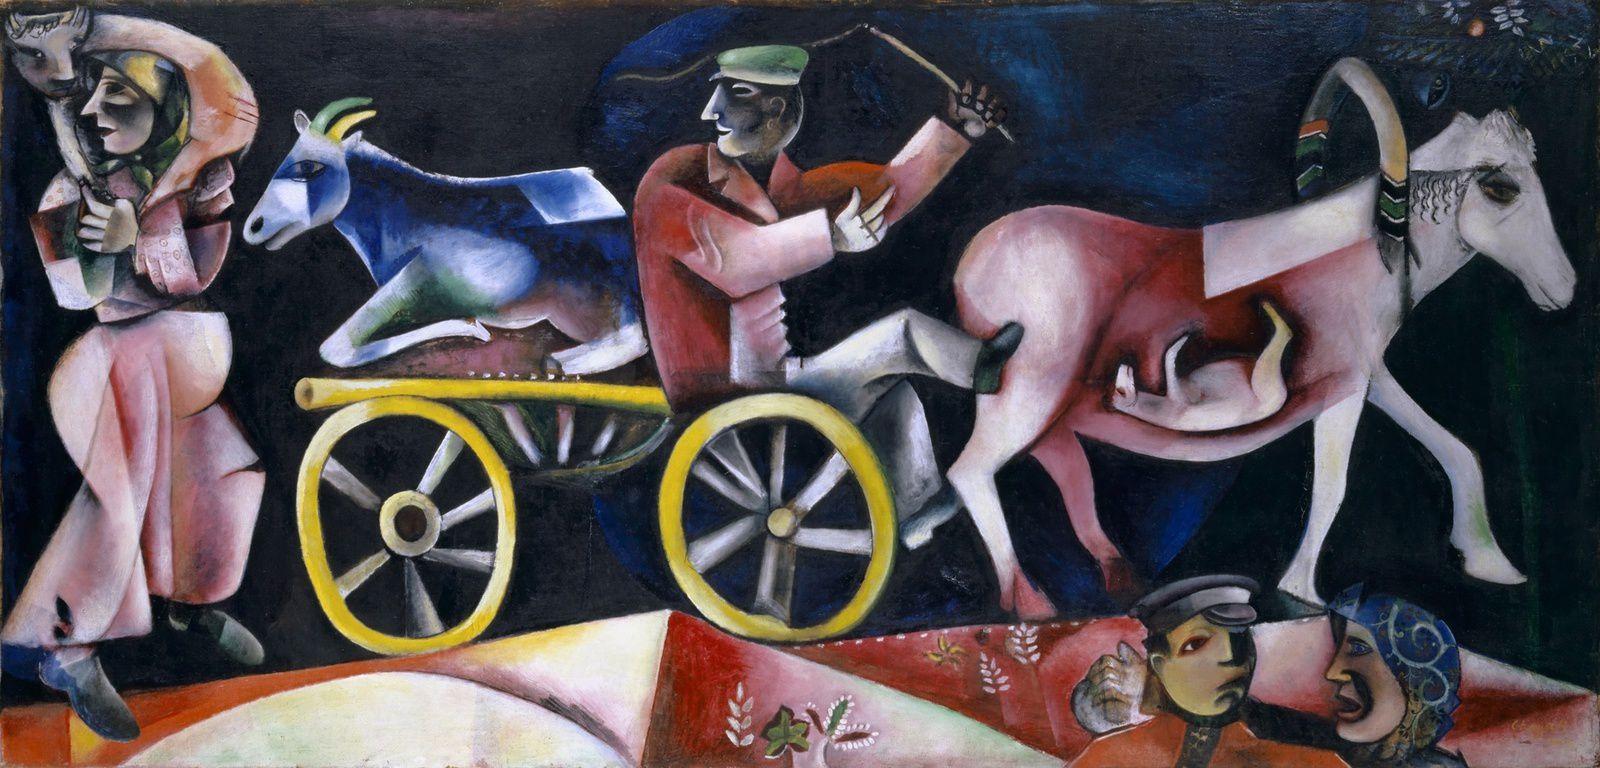 Marc chagall: Der Viehändler (1912), Kunstmuseum Basel